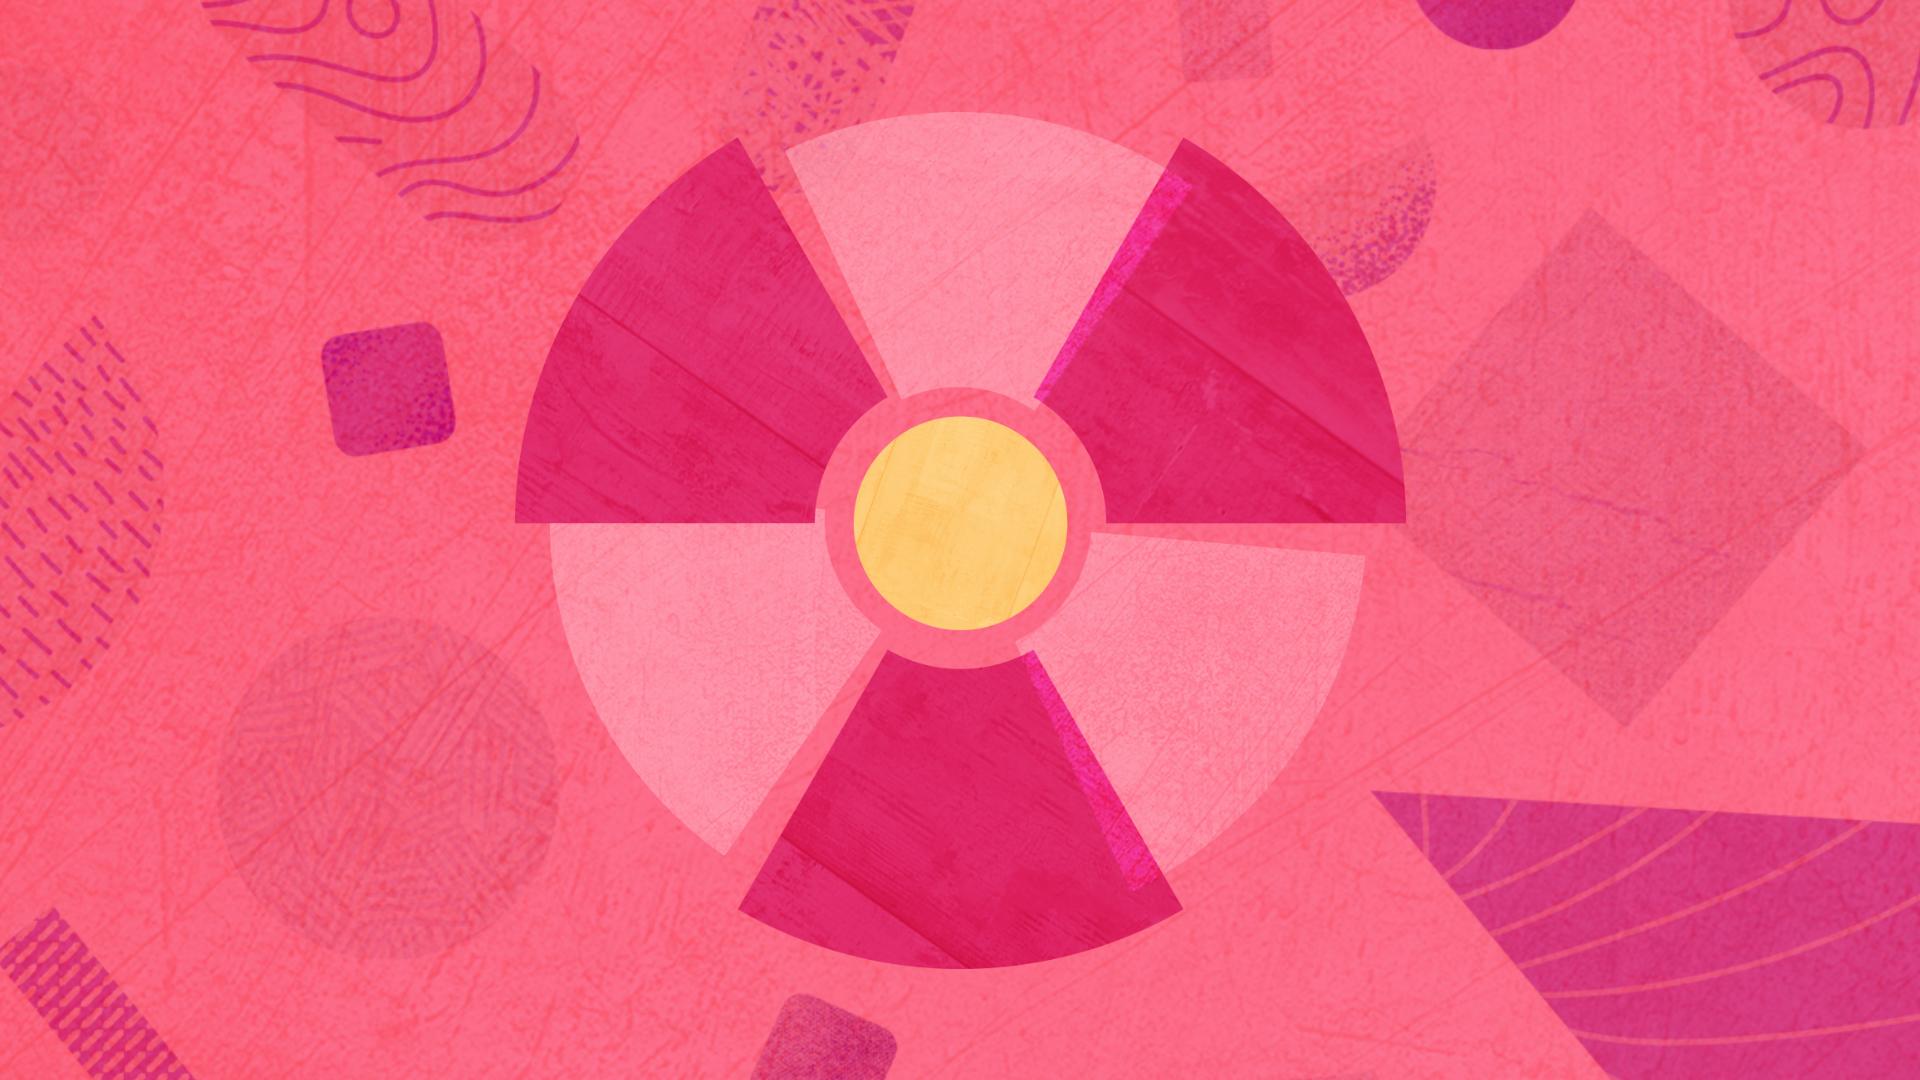 ¿Realmente existe la gente tóxica?